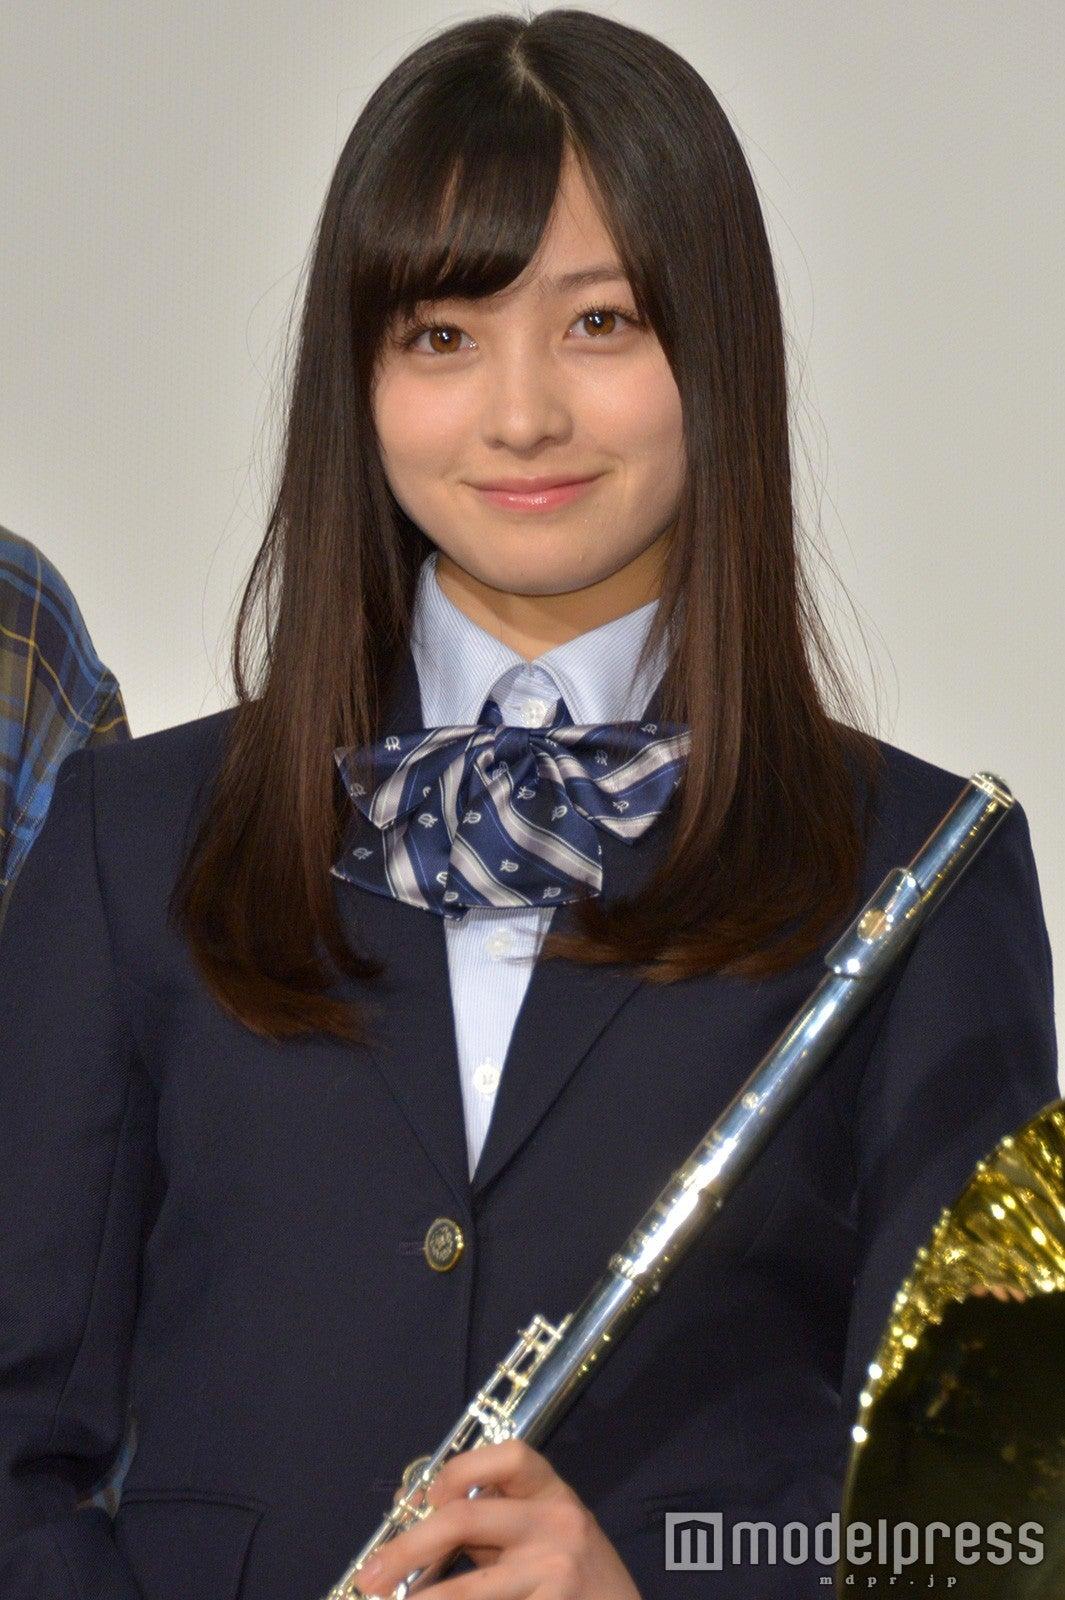 橋本環奈の出身高校は博多女子高校!?高校時代にいじめられていた